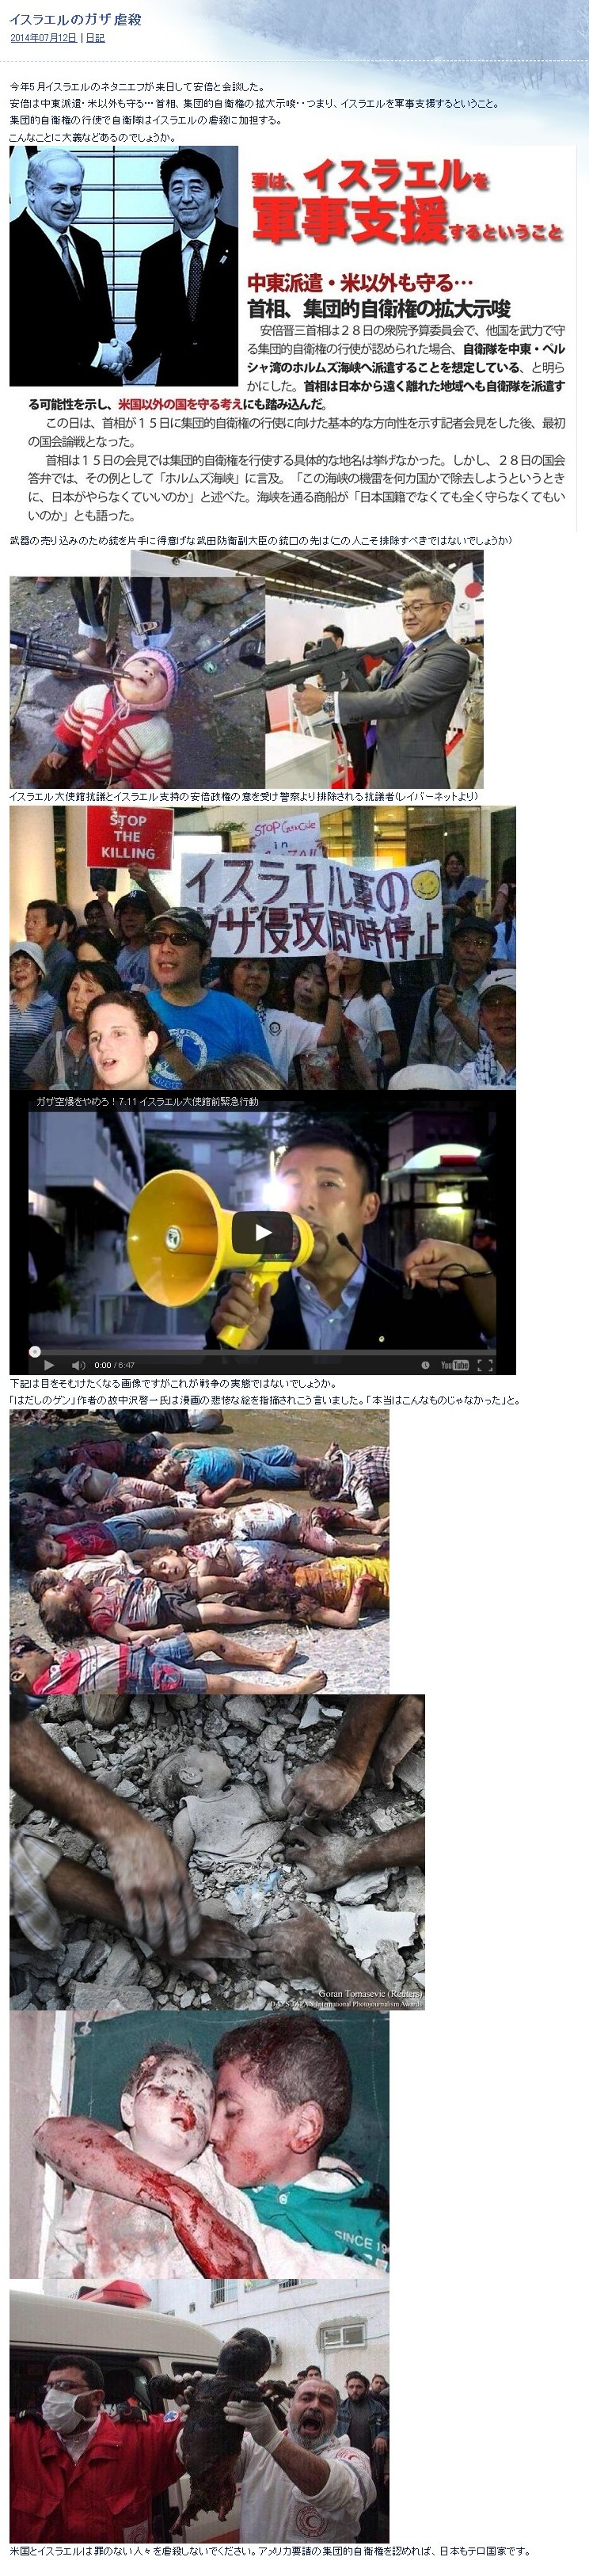 ③イスラエルのガザ虐殺①②